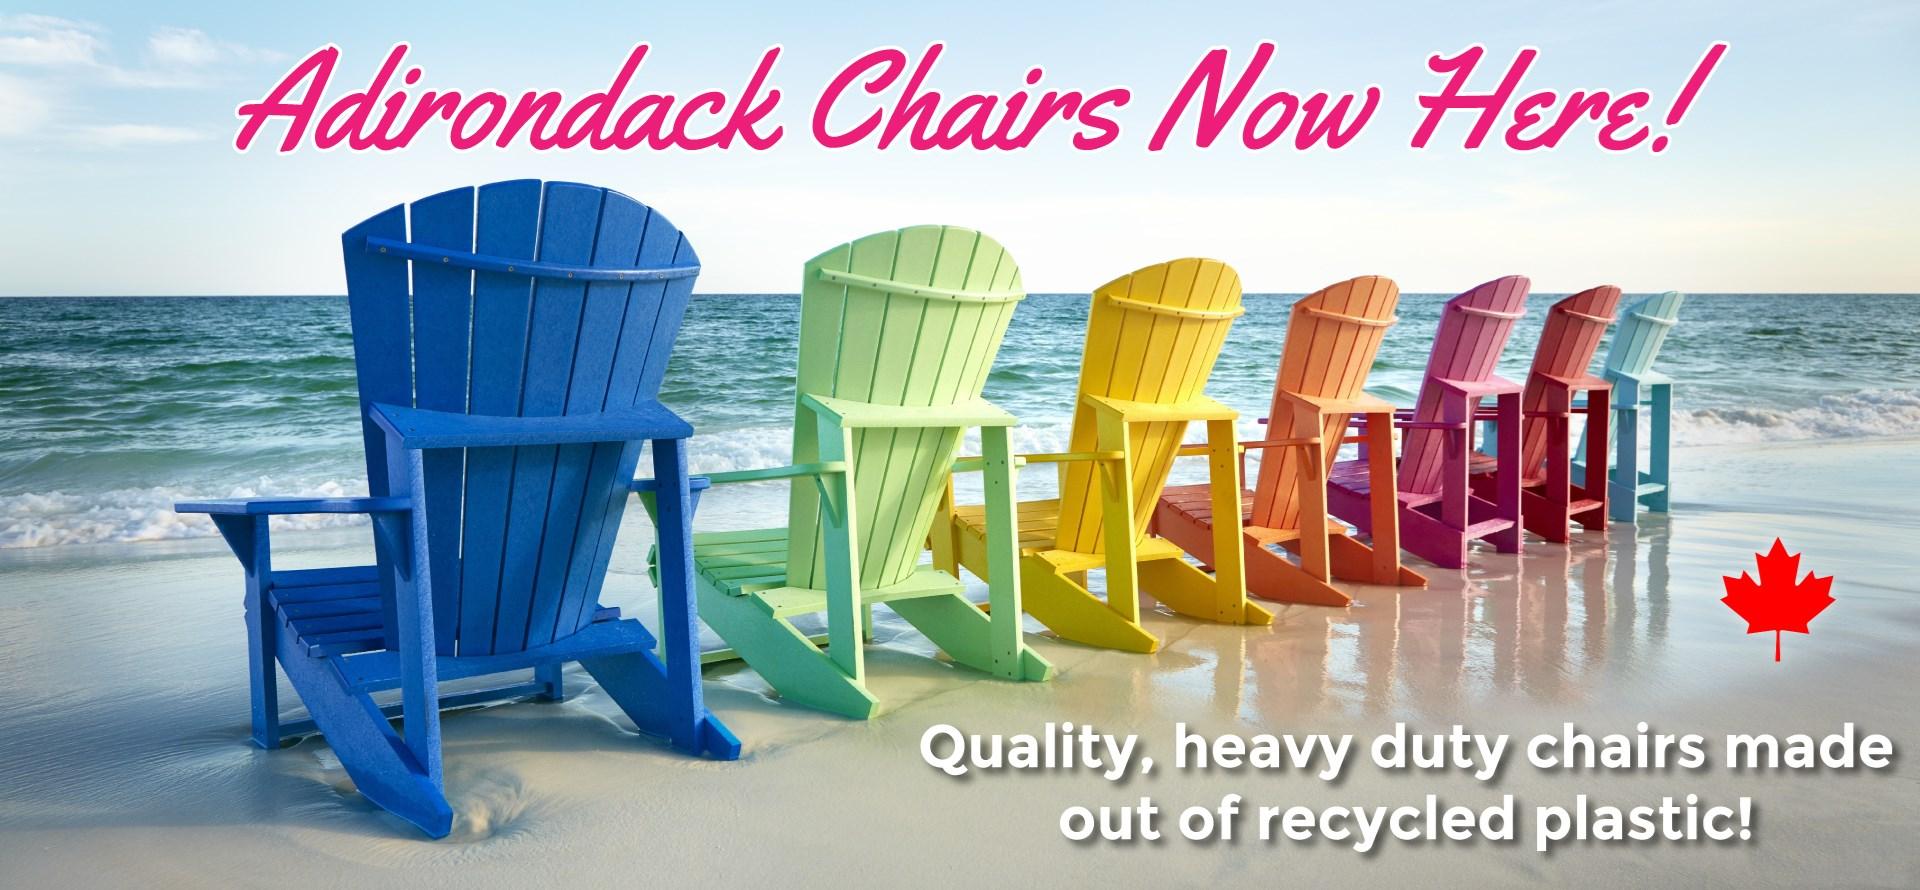 Adirondack Chairs Now Here!